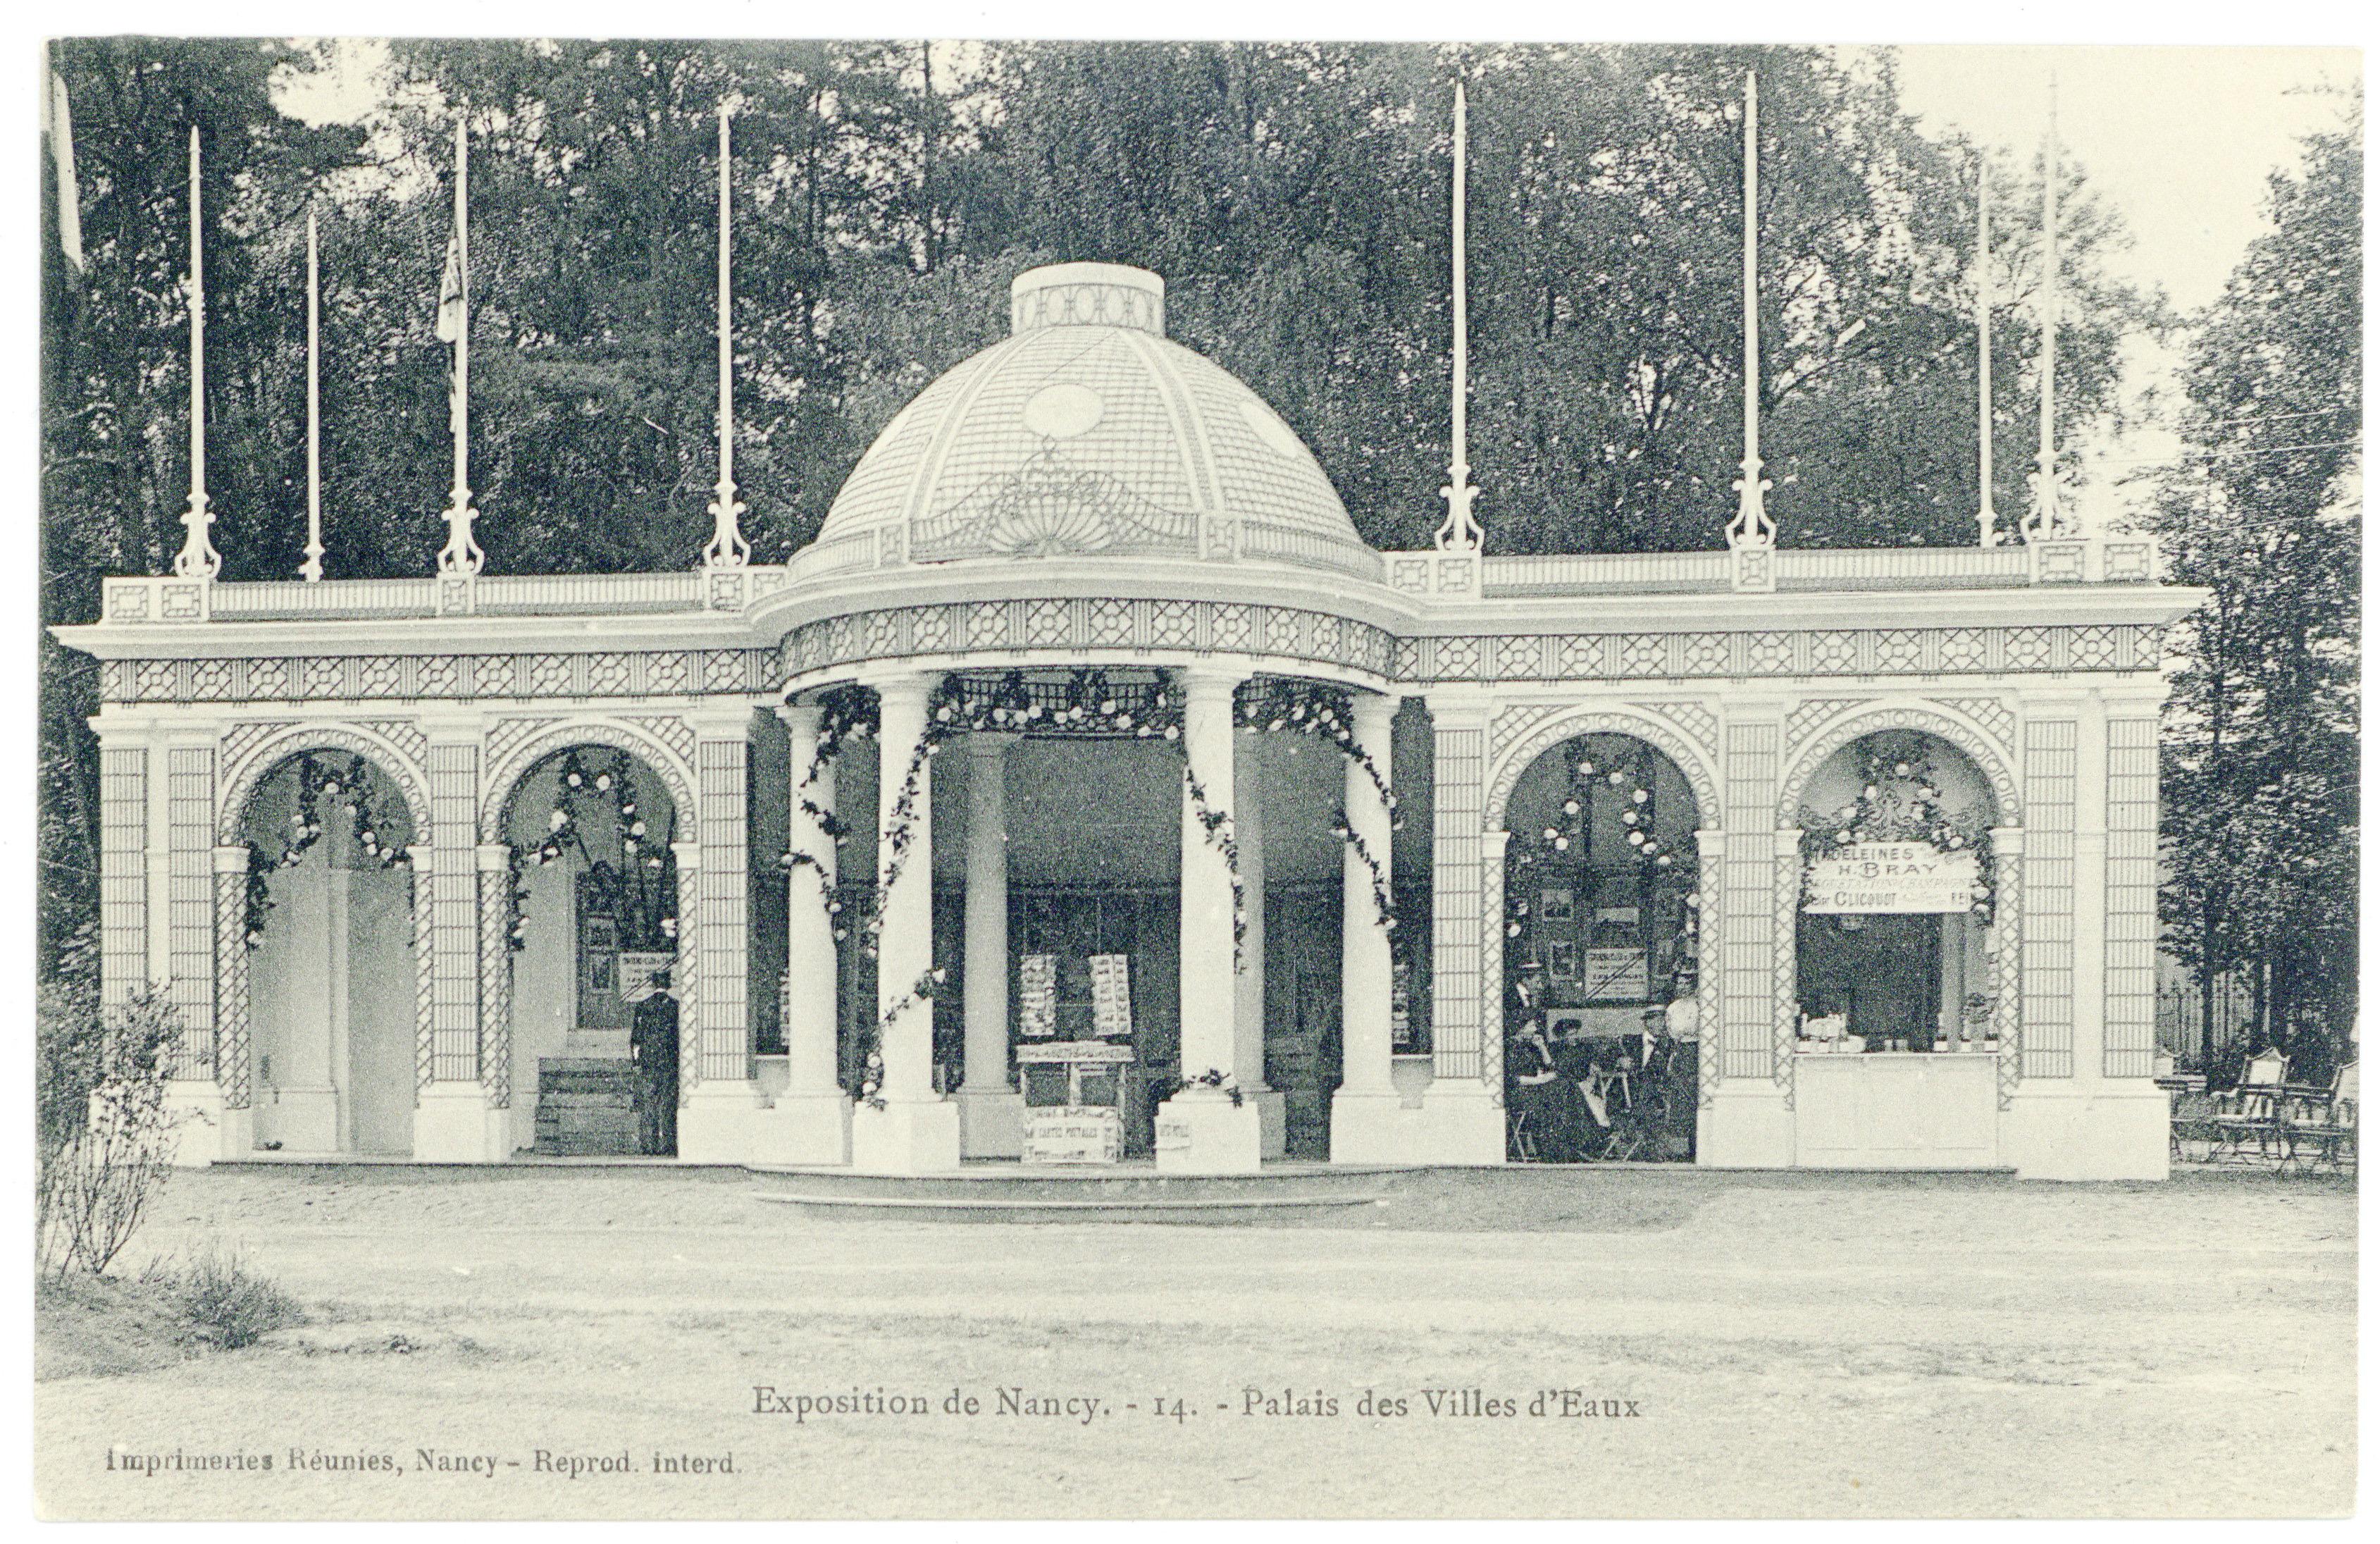 Contenu du Palais des villes d'eaux : exposition de Nancy